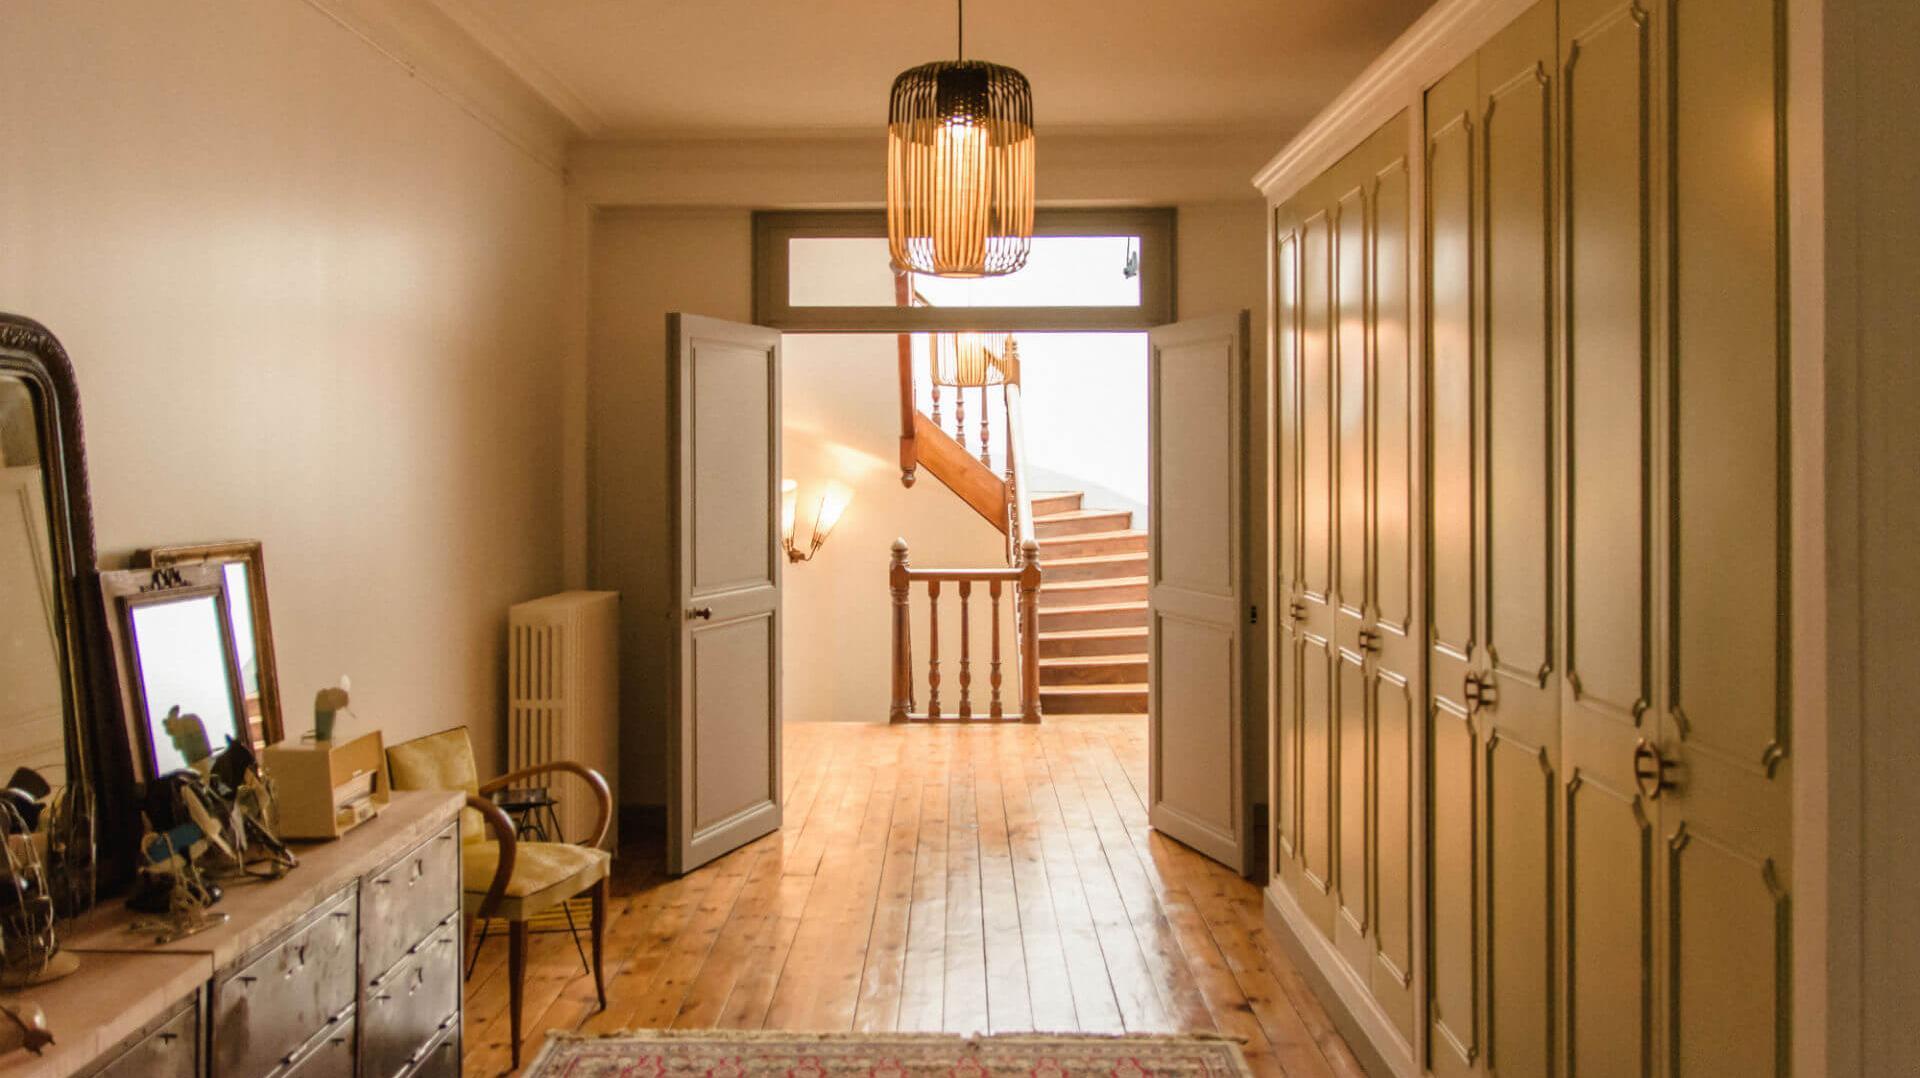 Palier du premier étage donnant l'accès aux chambres d'hôtes l'Esprit du 8 Rochefort